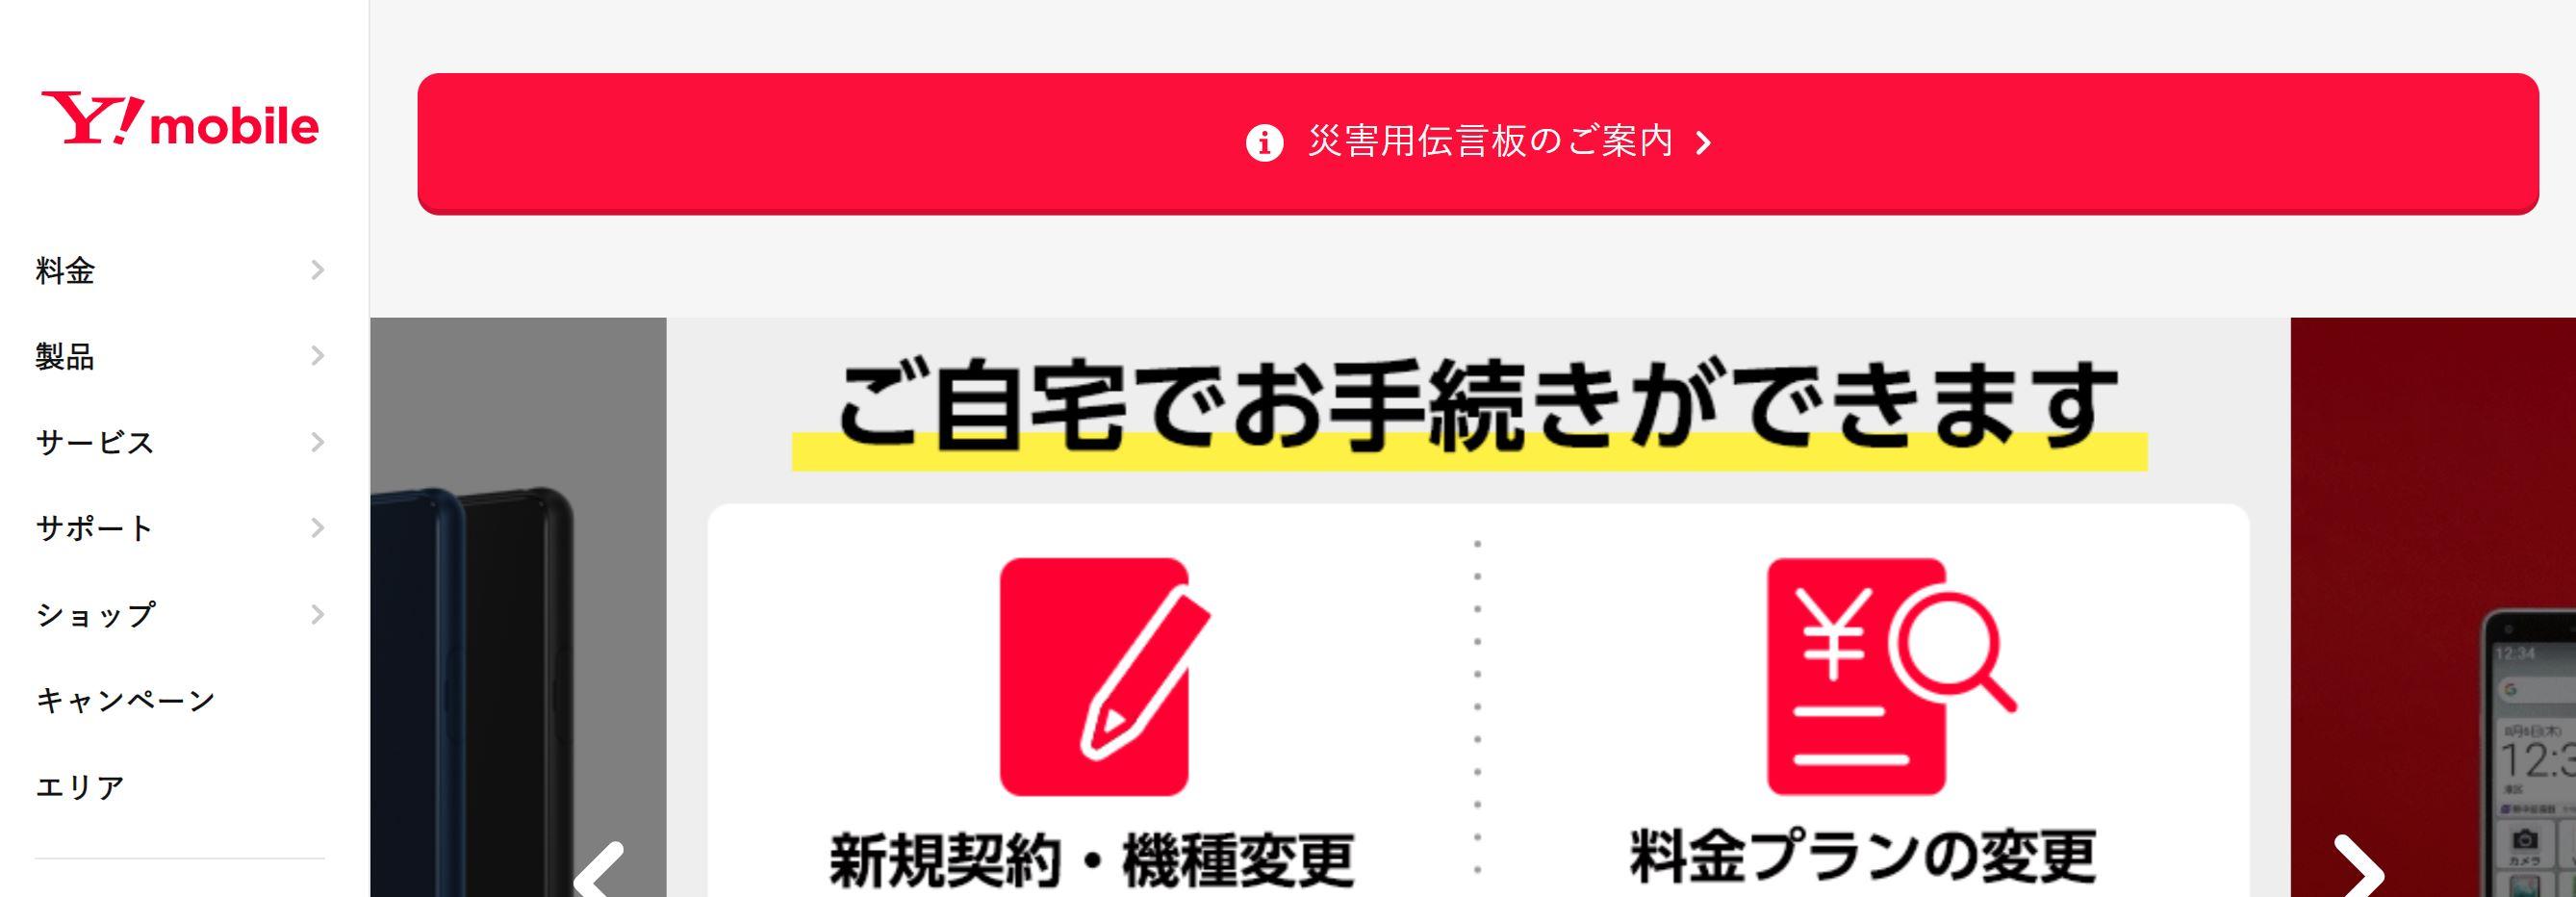 格安SIM_おすすめ_Ymobile